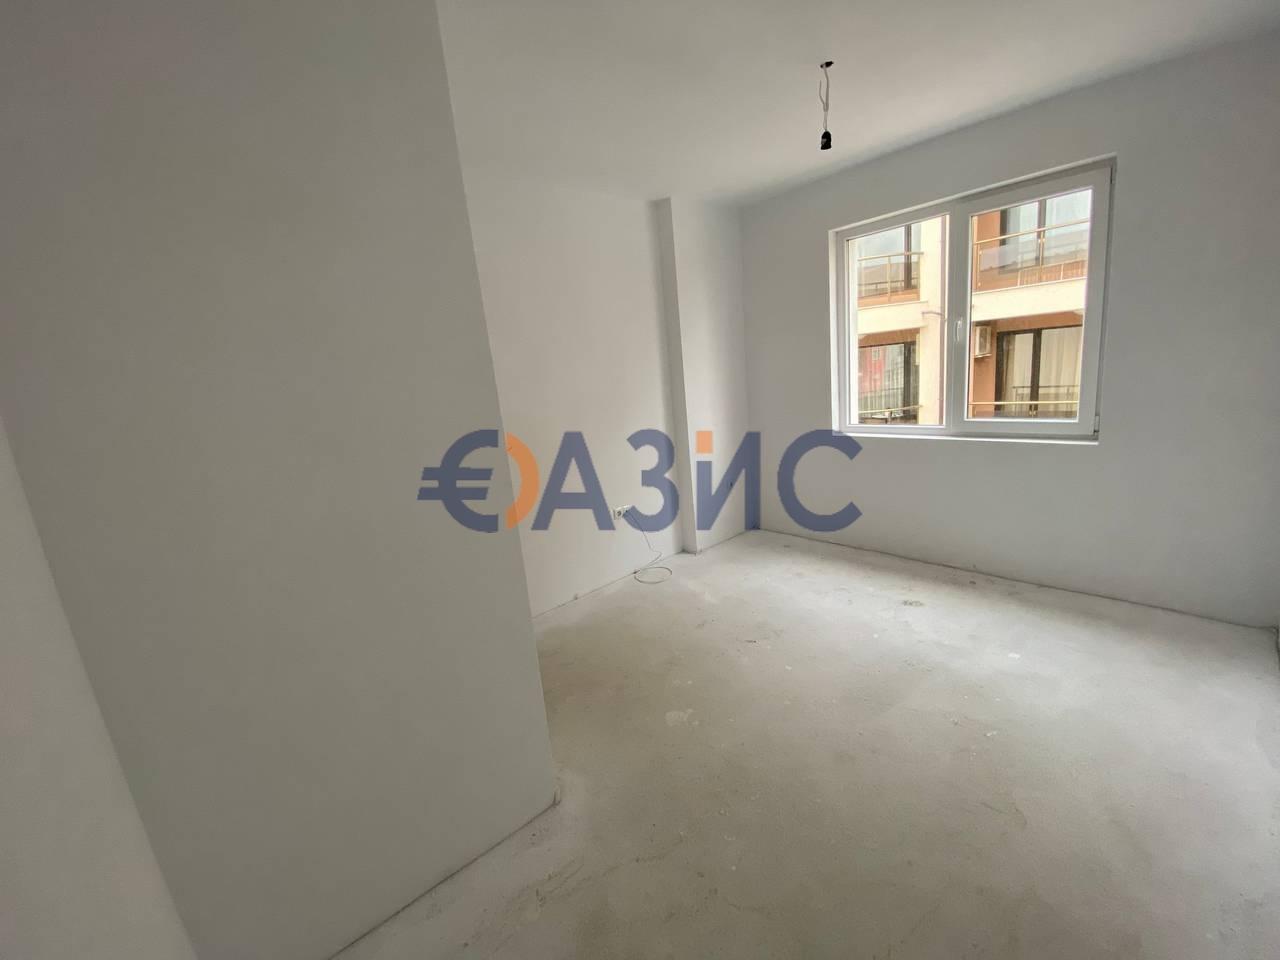 Трехкомнатный апартамент с водяным отоплением пола, Несебр, Болгария, 9